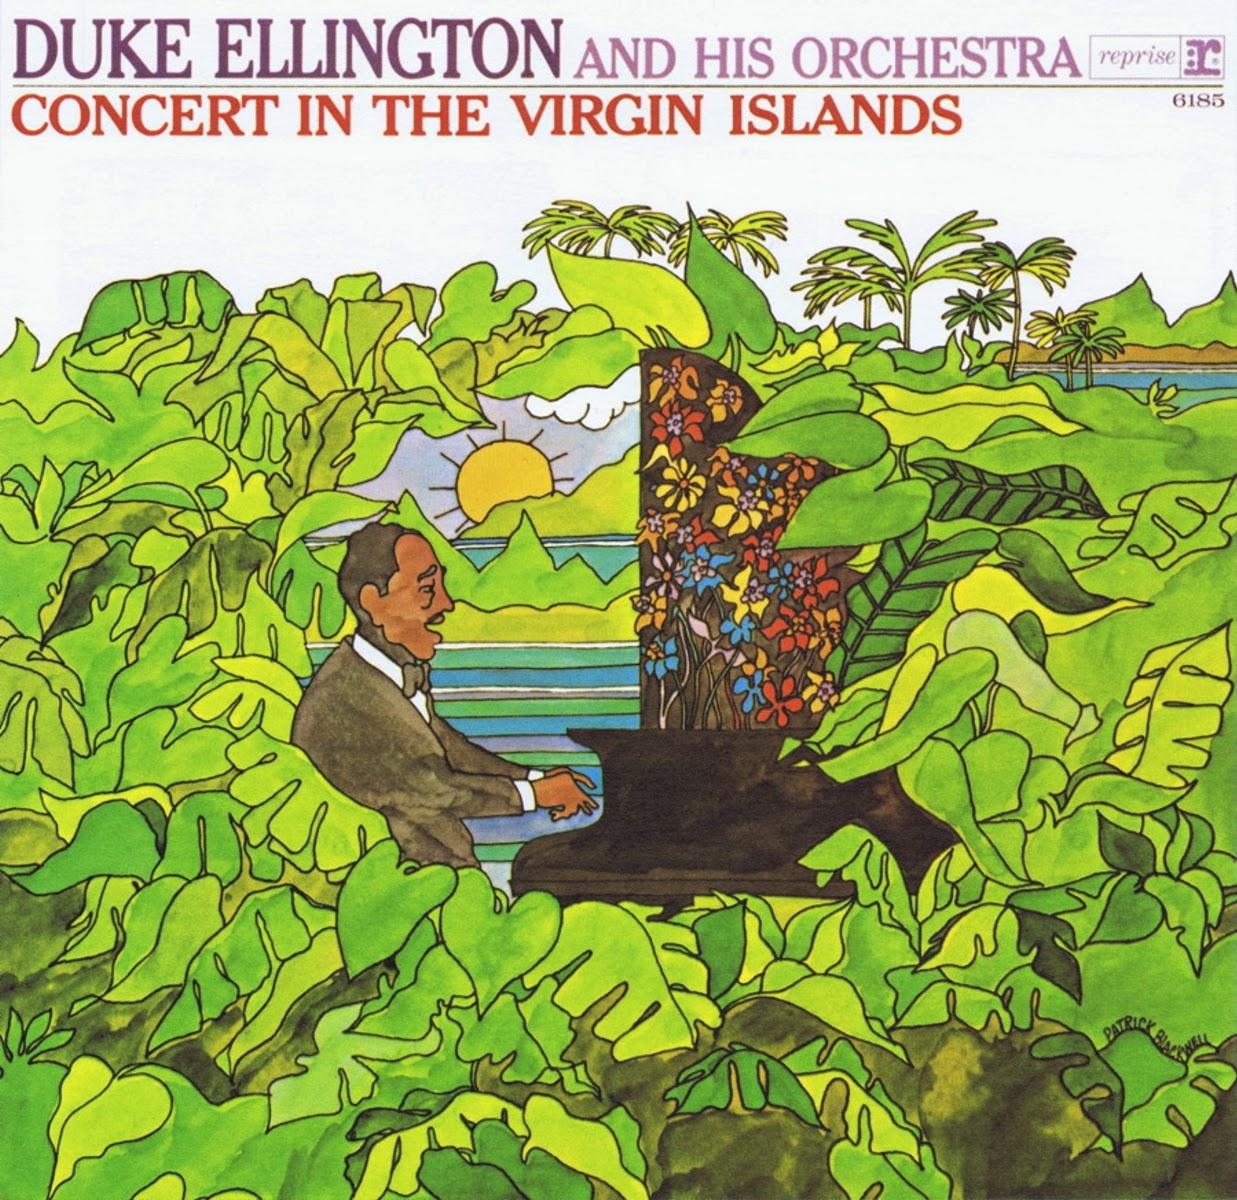 JazzTimes 10: Very Late Duke Ellington Albums - JazzTimes